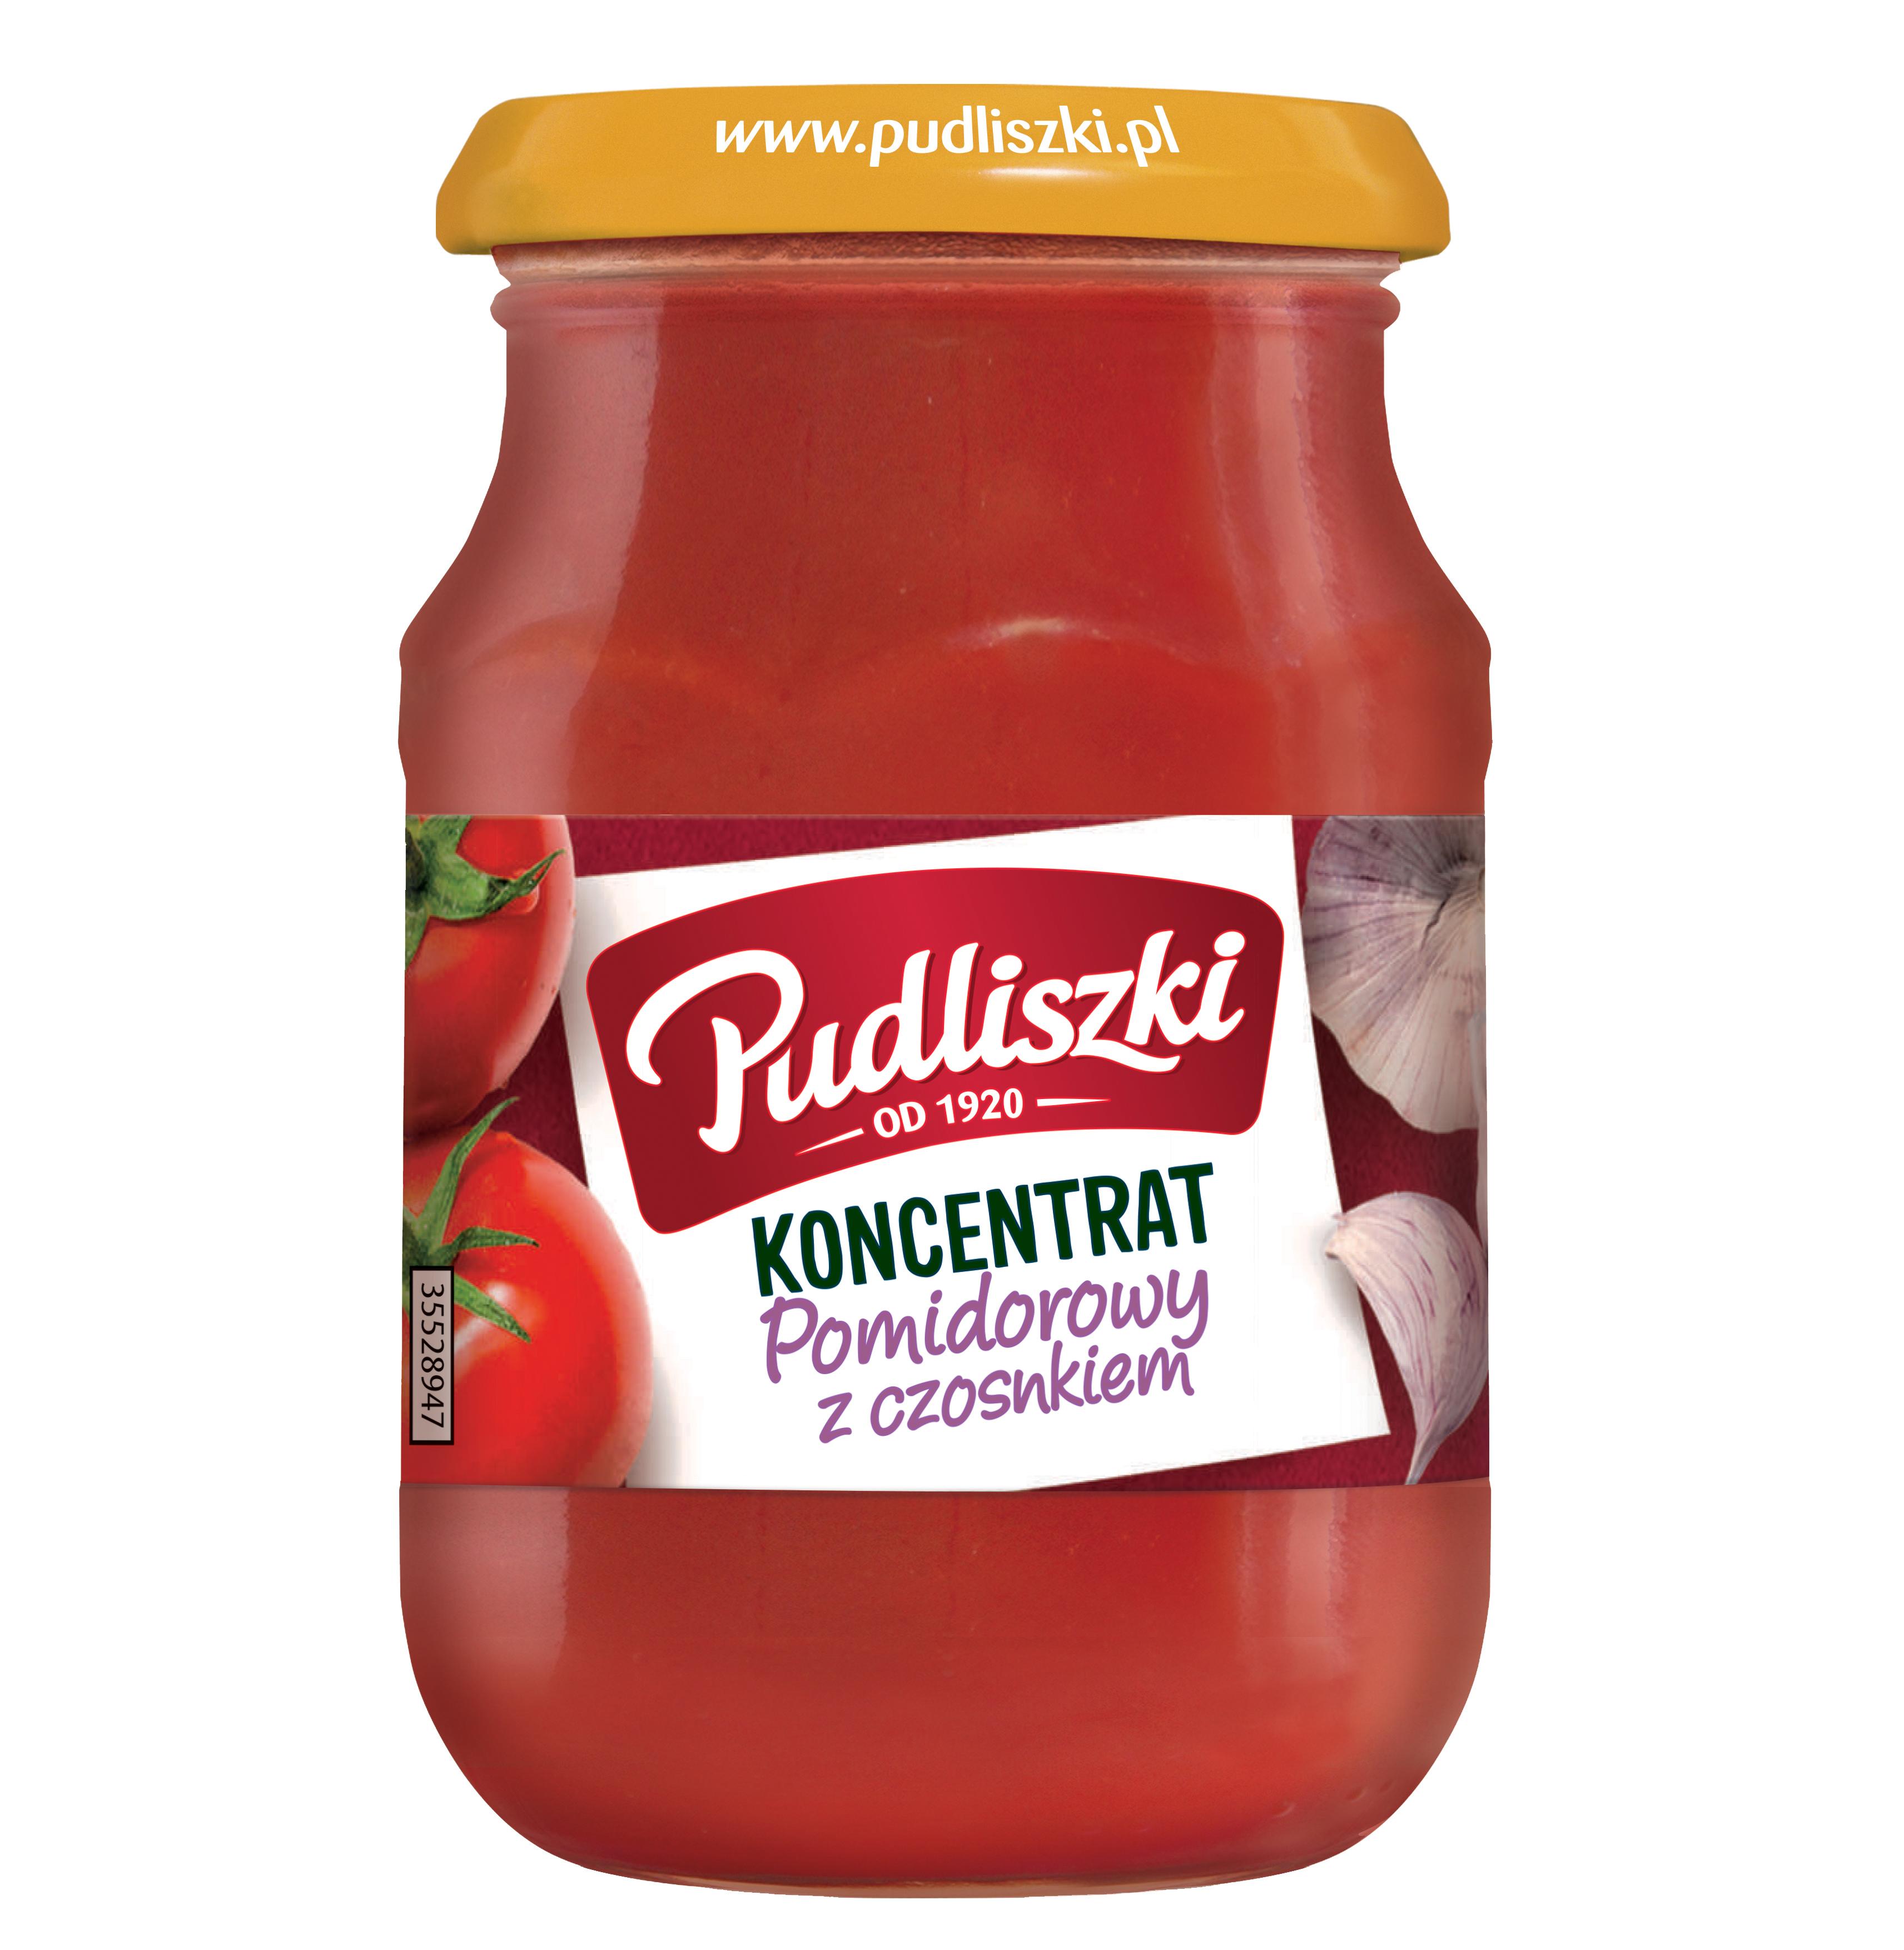 Koncentrat pomidorowy z czosnkiem 200 g